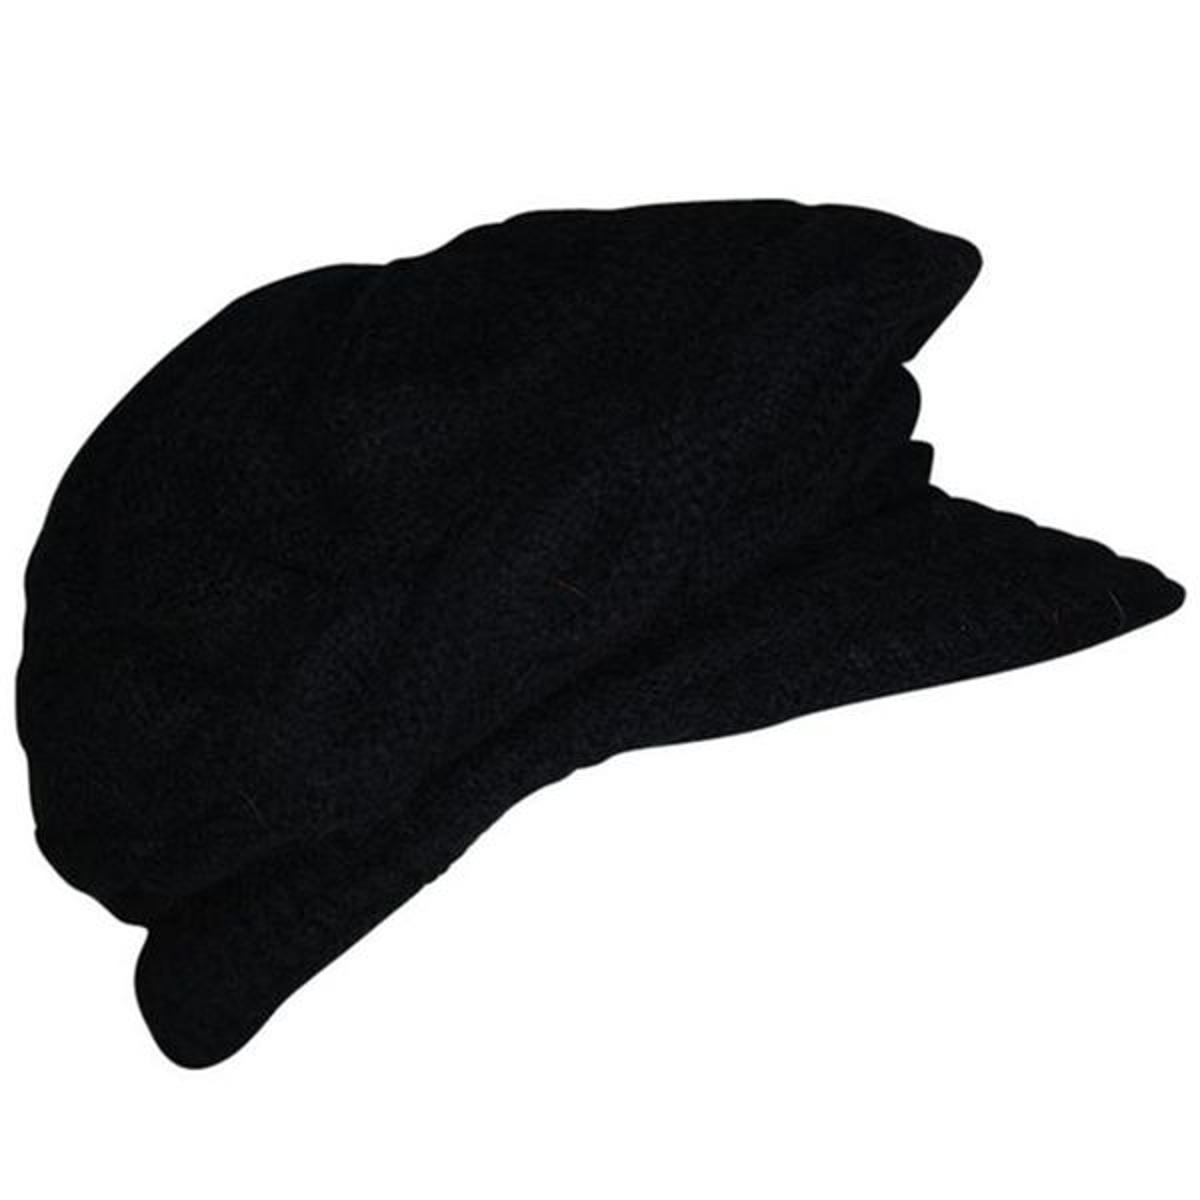 Bonnet à visière CHATOU